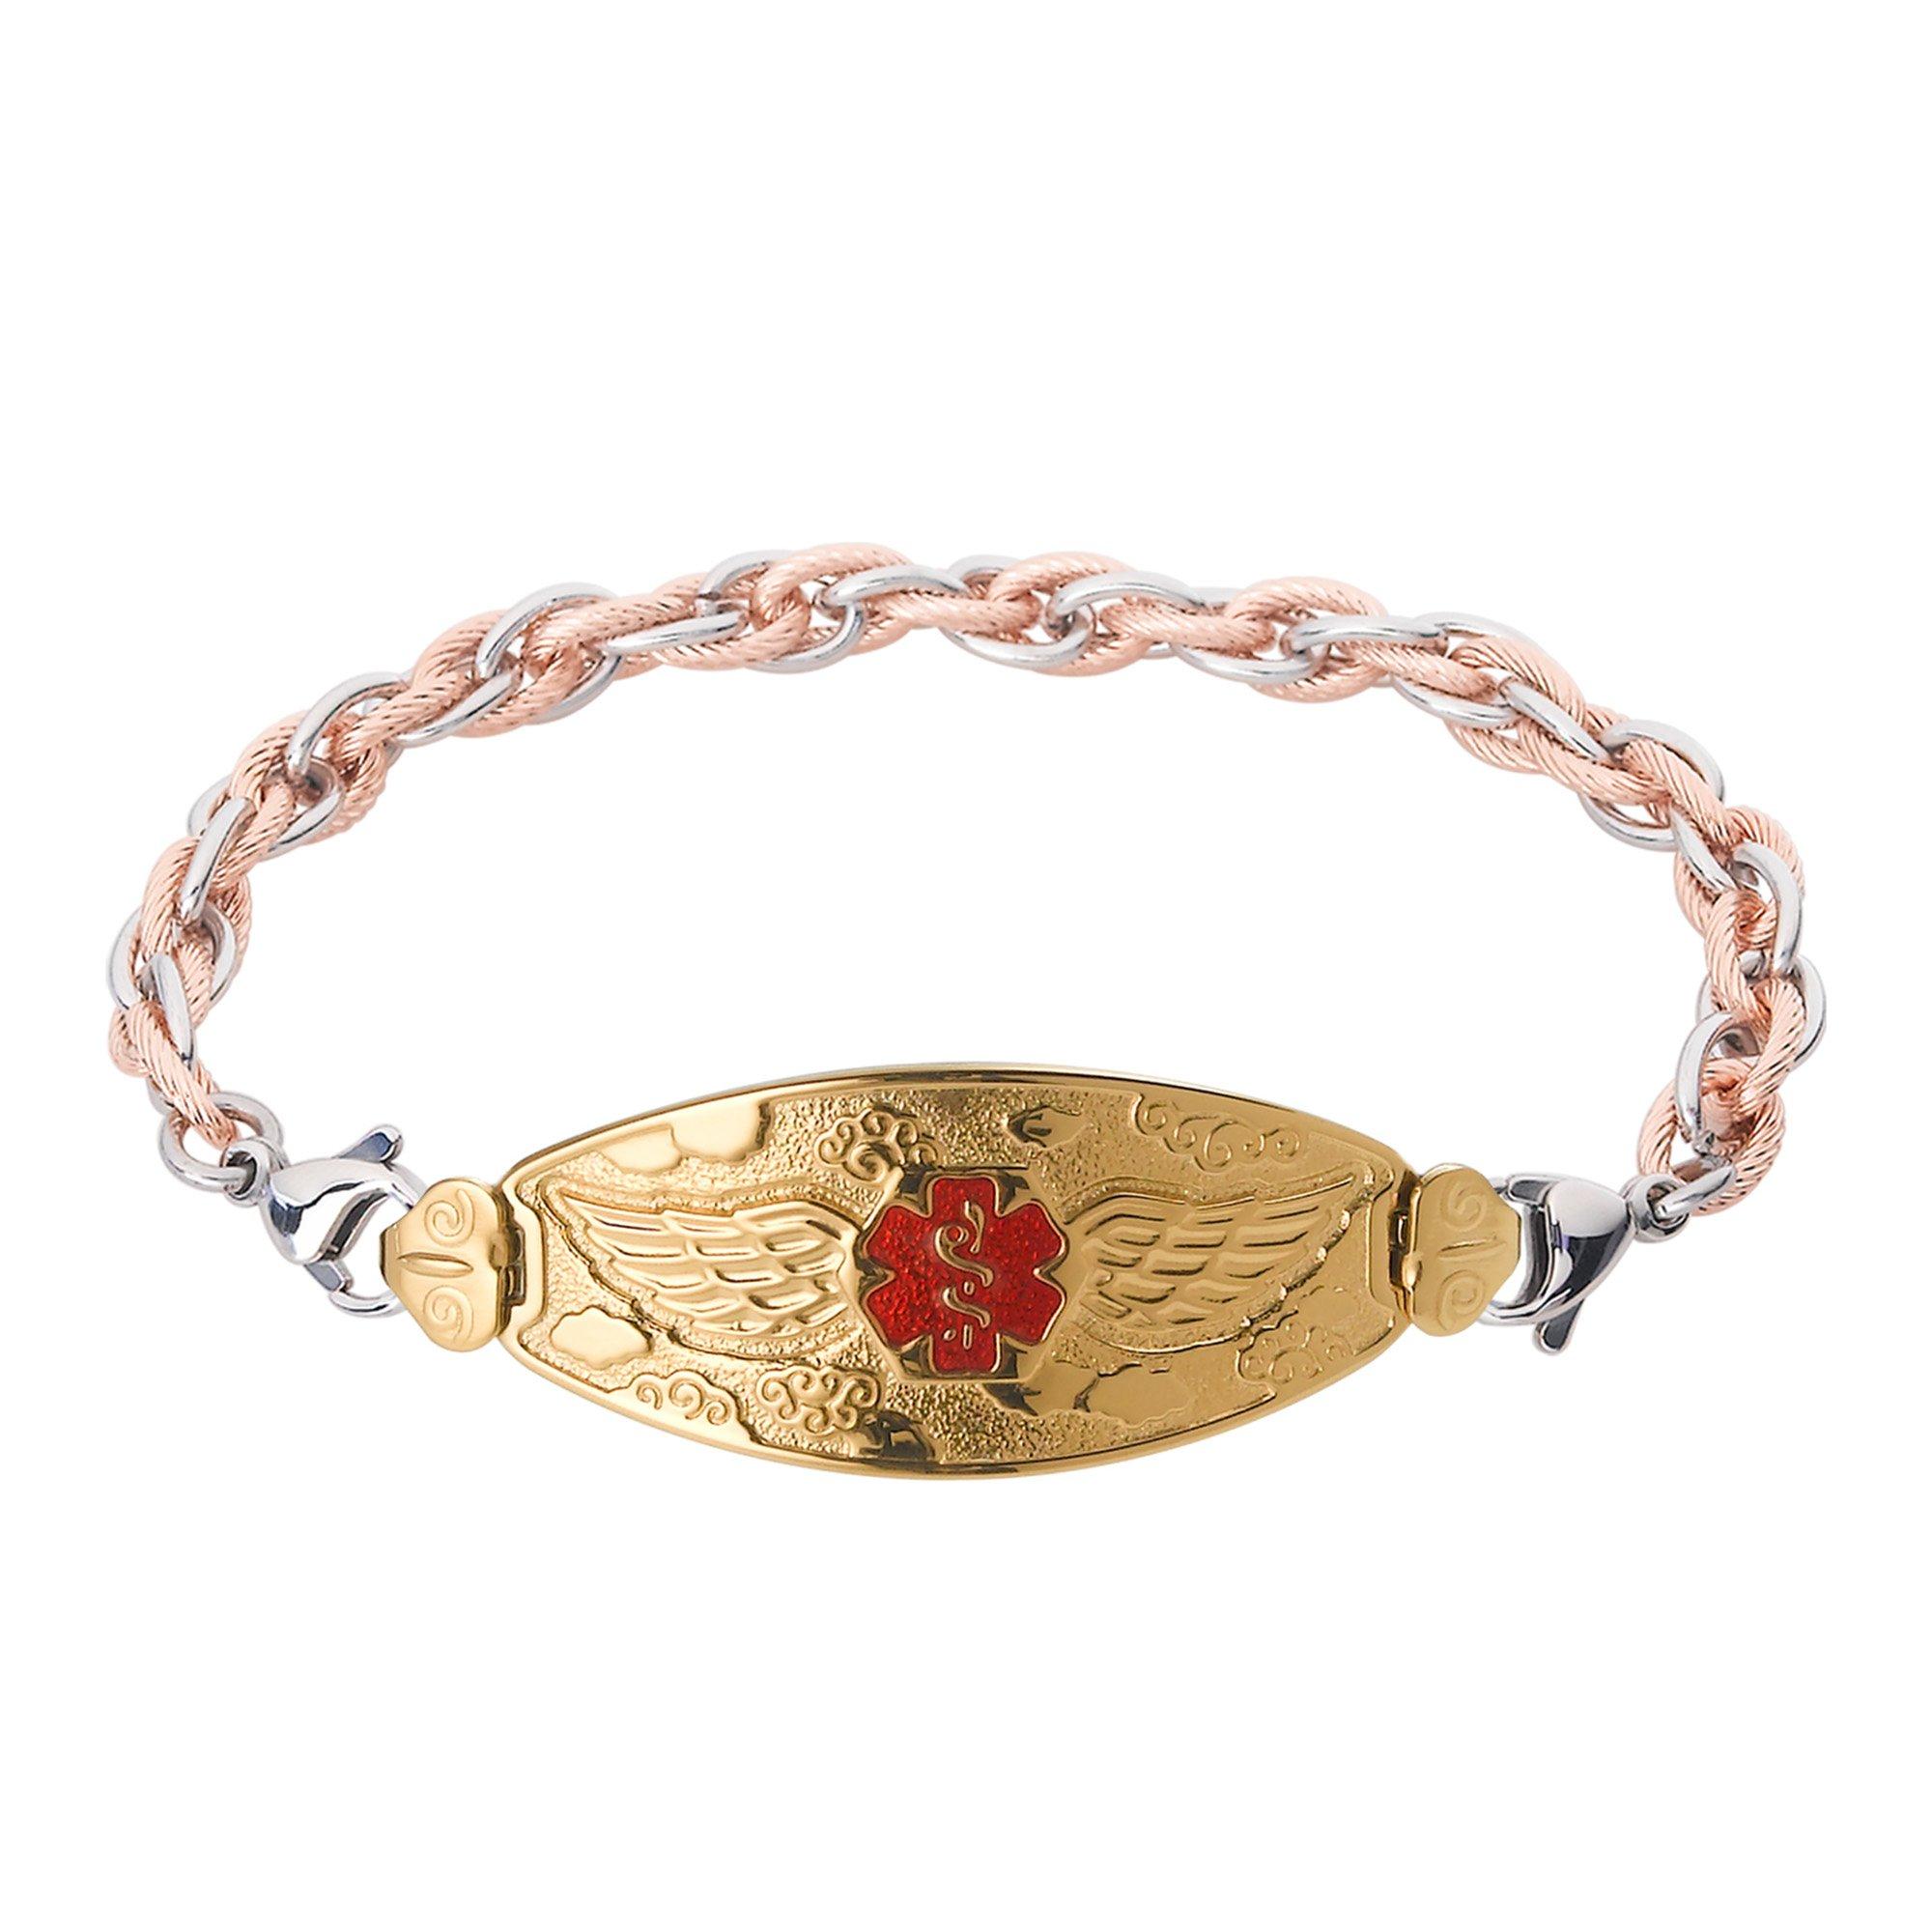 Divoti Deep Custom Laser Engraved PVD Gold Angel Wing Medical Alert Bracelet -Inter-Mesh Rose Gold/Silver-TP Red-7.5''